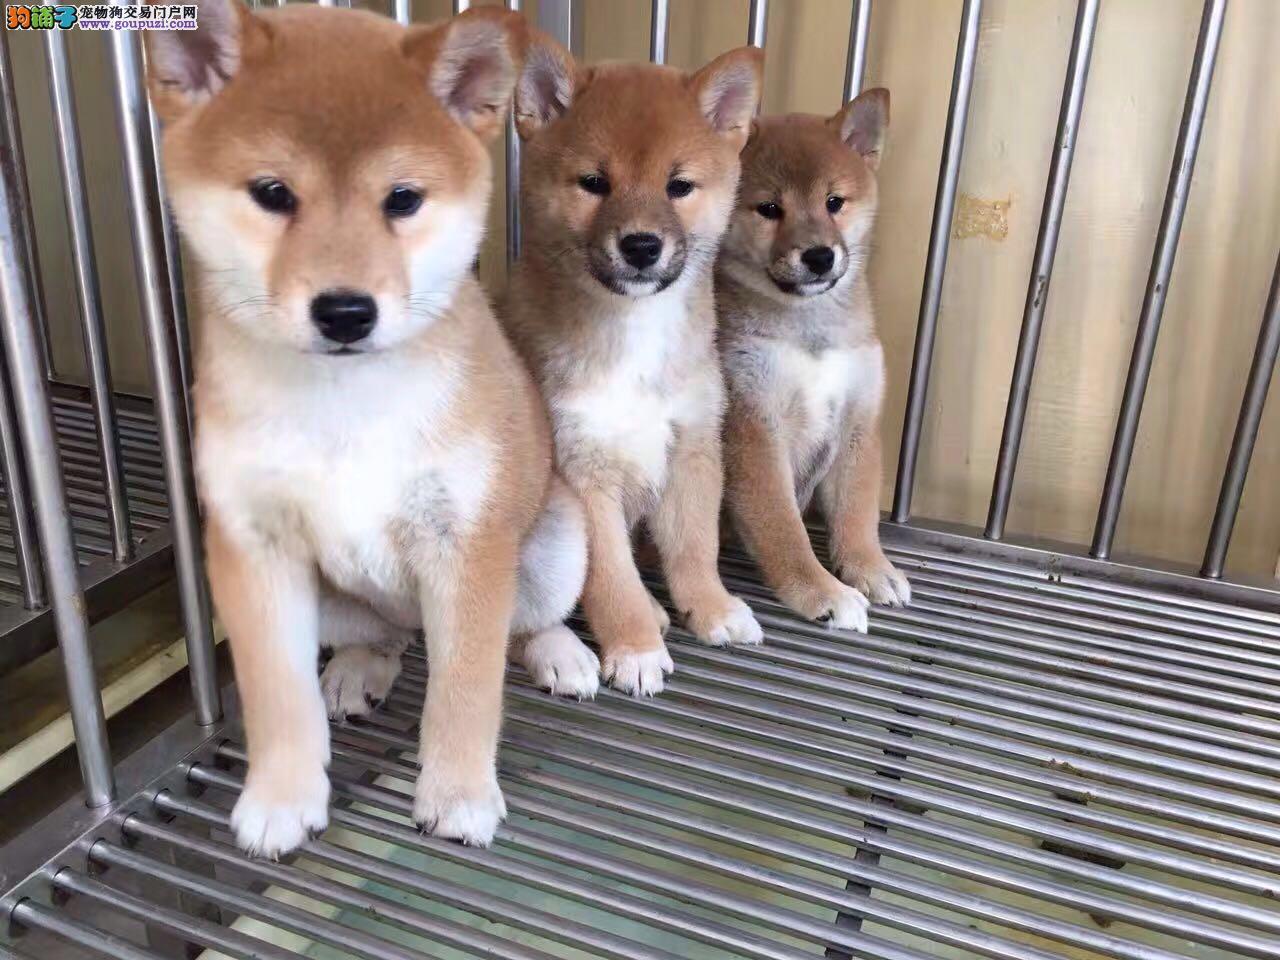 柴犬 养殖基地常年出售精品柴犬